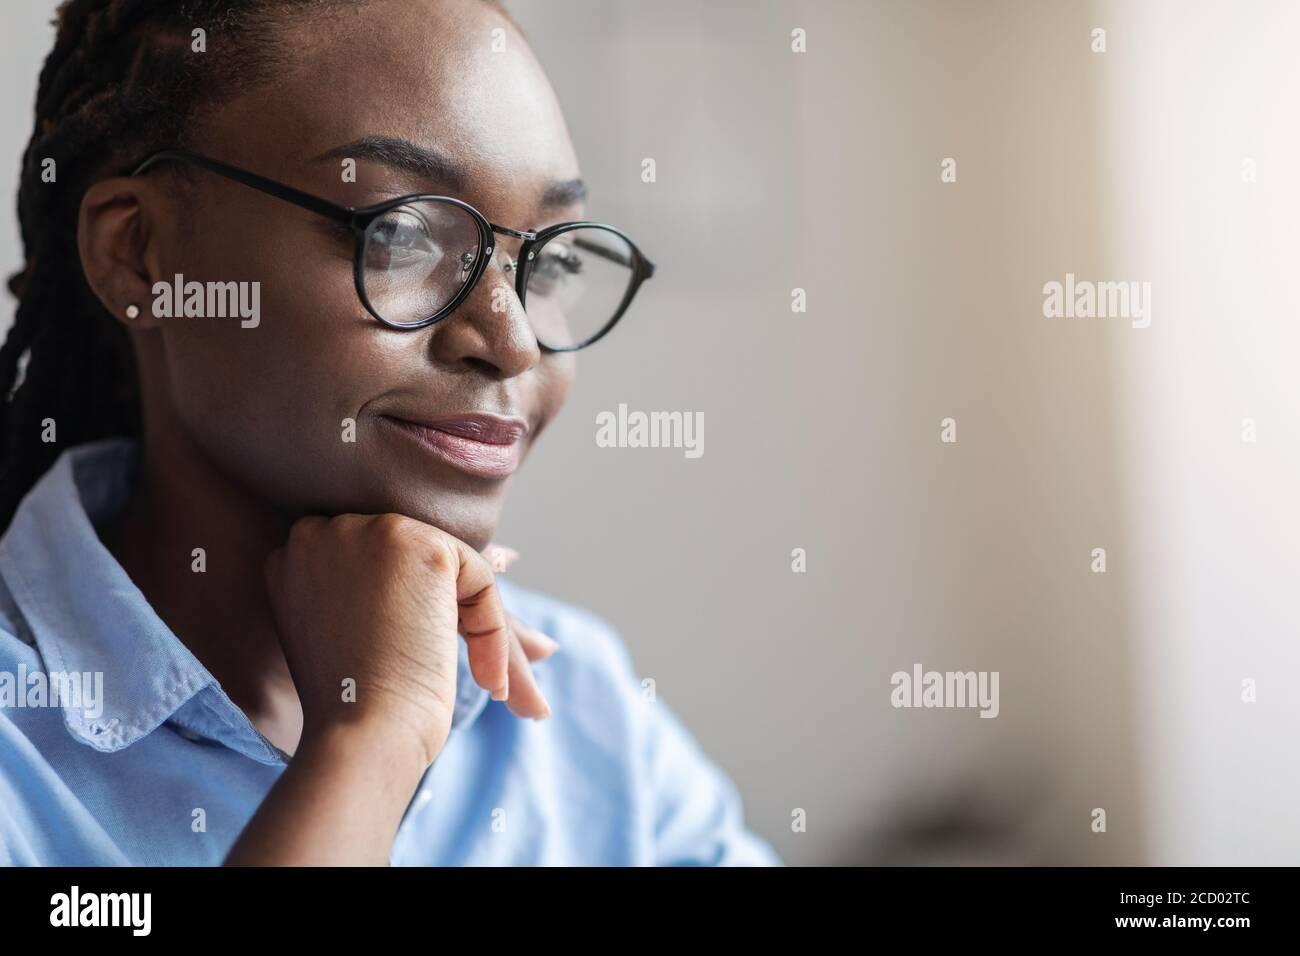 Nahaufnahme Porträt der nachdenklichen schwarzen Unternehmerin in Brillen suchen Beiseite Stockfoto